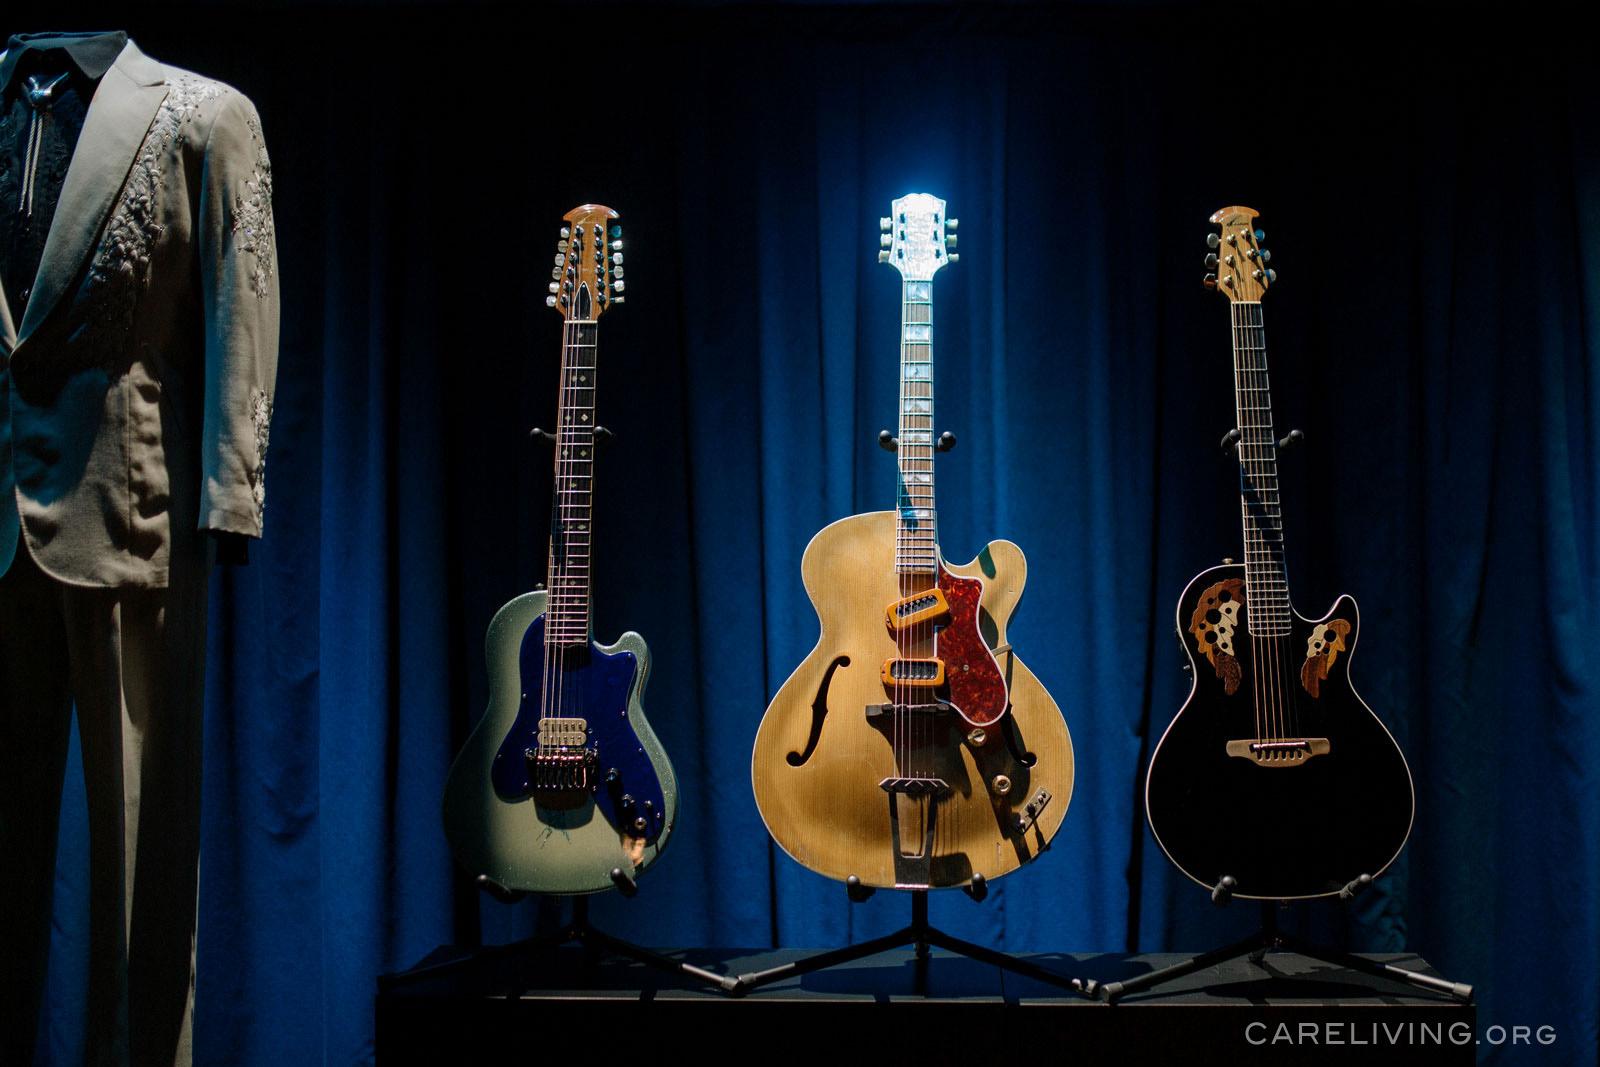 Glen's guitars